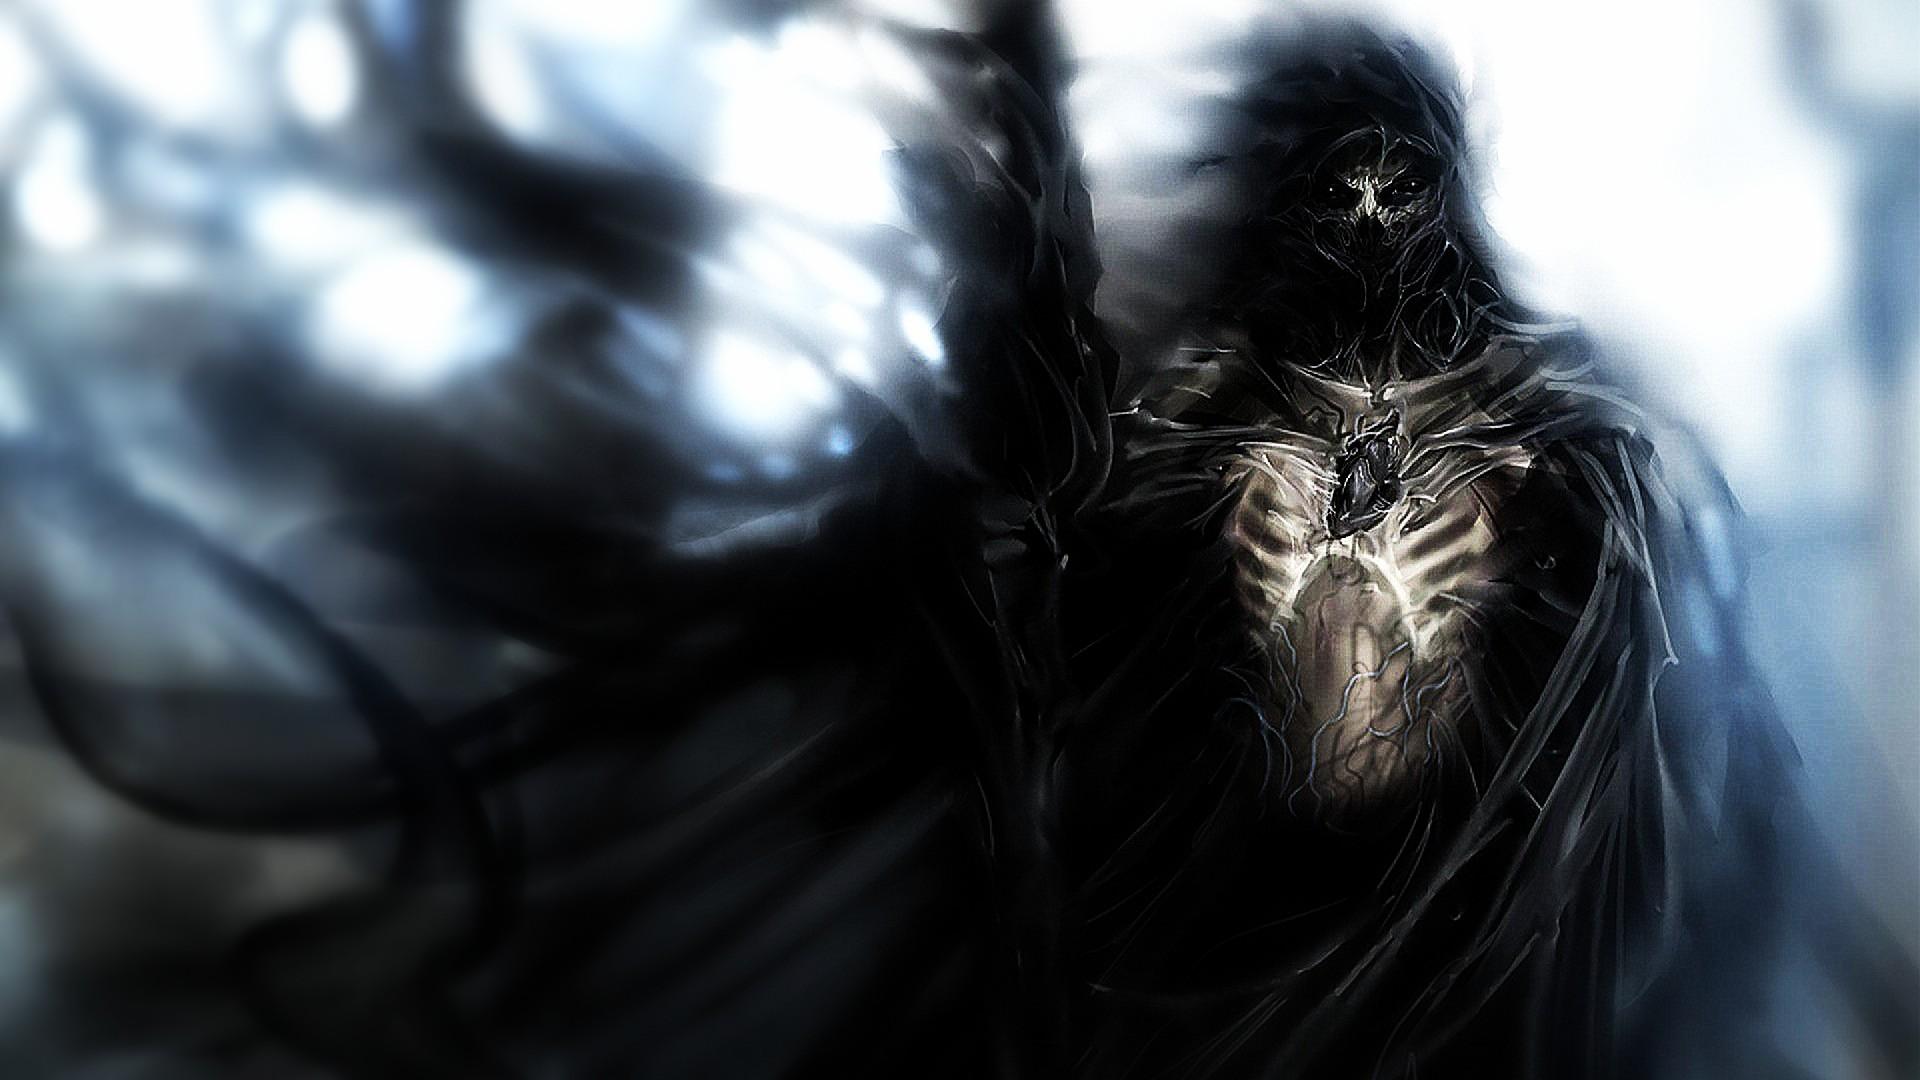 Wallpaper 1920x1080 Px Art Dark Death Evil Fantasy